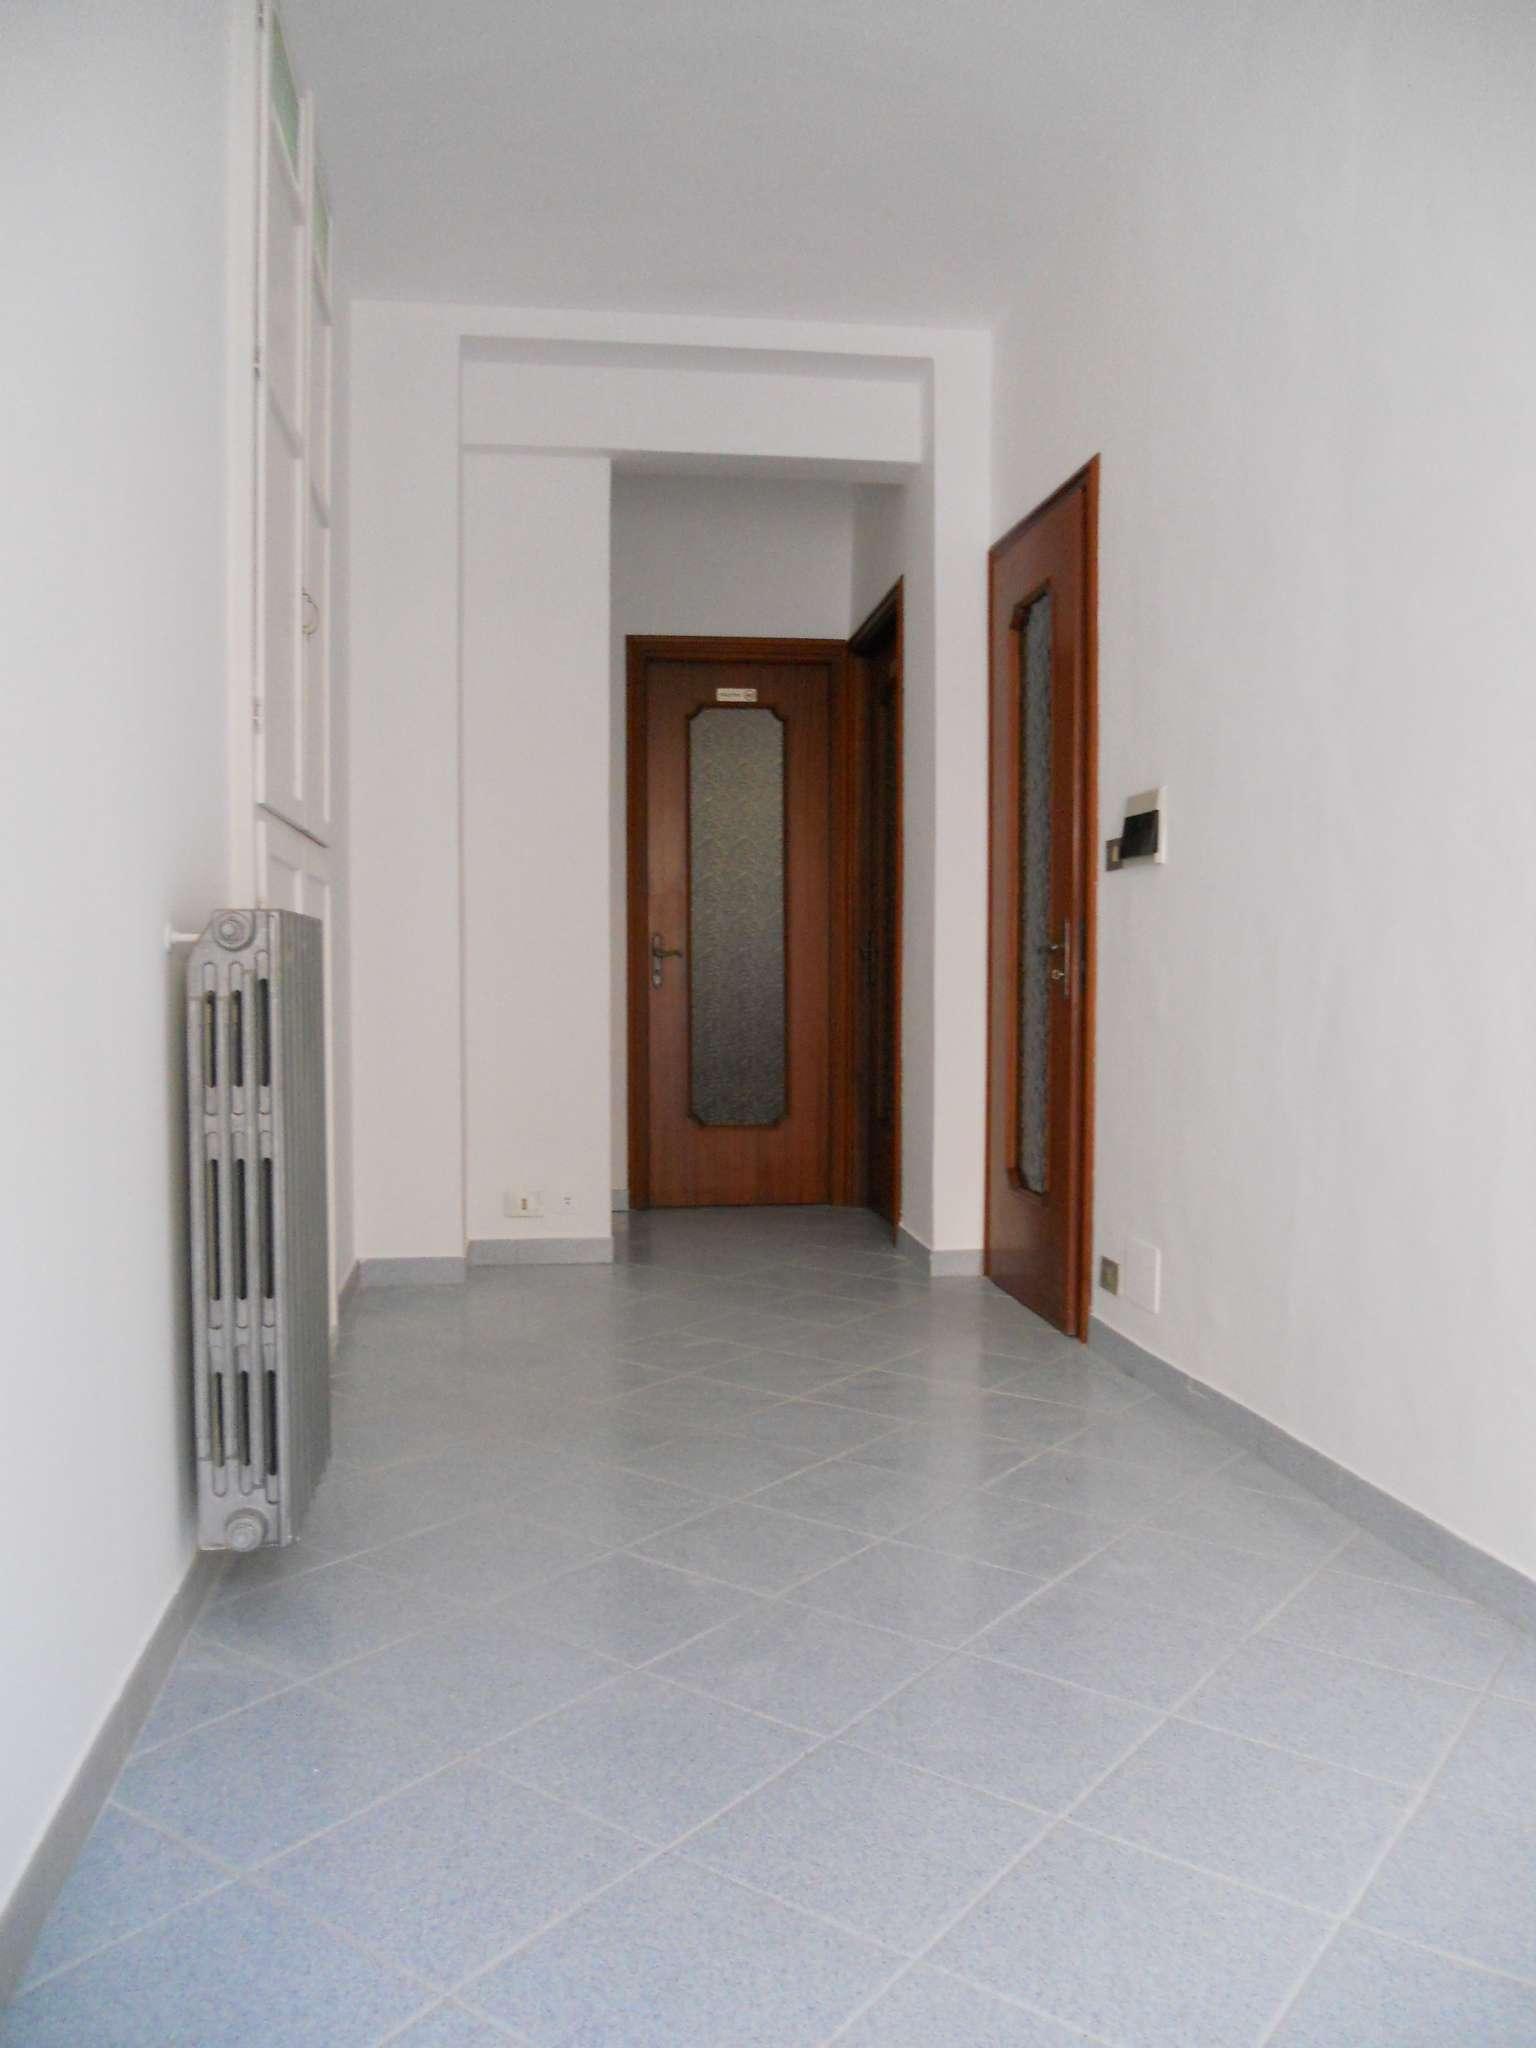 Sant'Antonino di Susa Sant'Antonino di Susa Affitto APPARTAMENTO >> affitto case torino